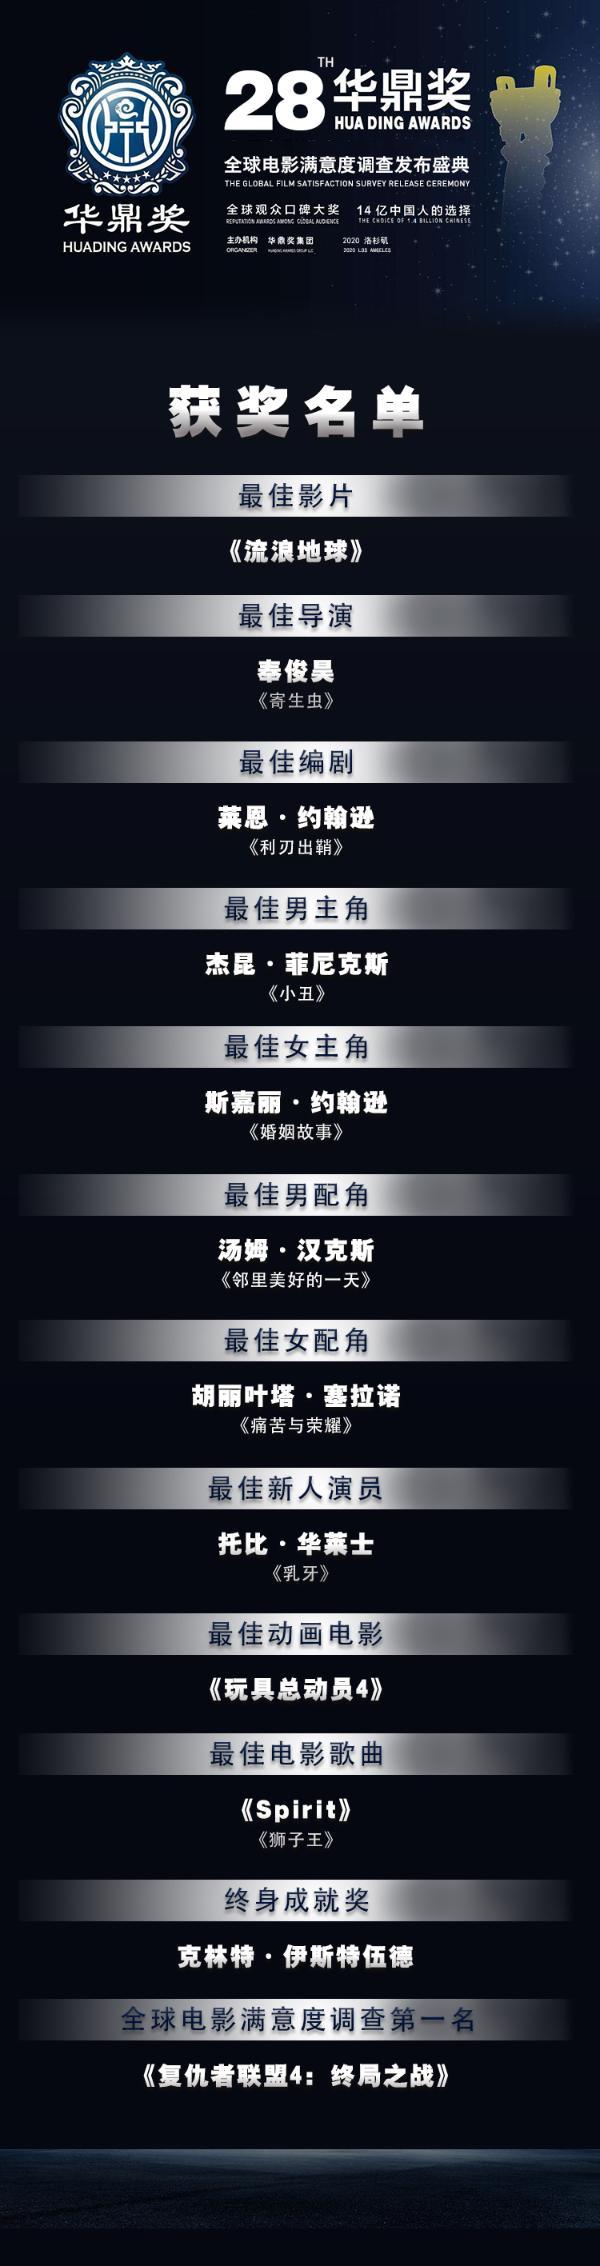 """《流浪地球》获华鼎奖全球最佳影片,""""小丑""""影帝,斯嘉丽·约翰逊影后"""